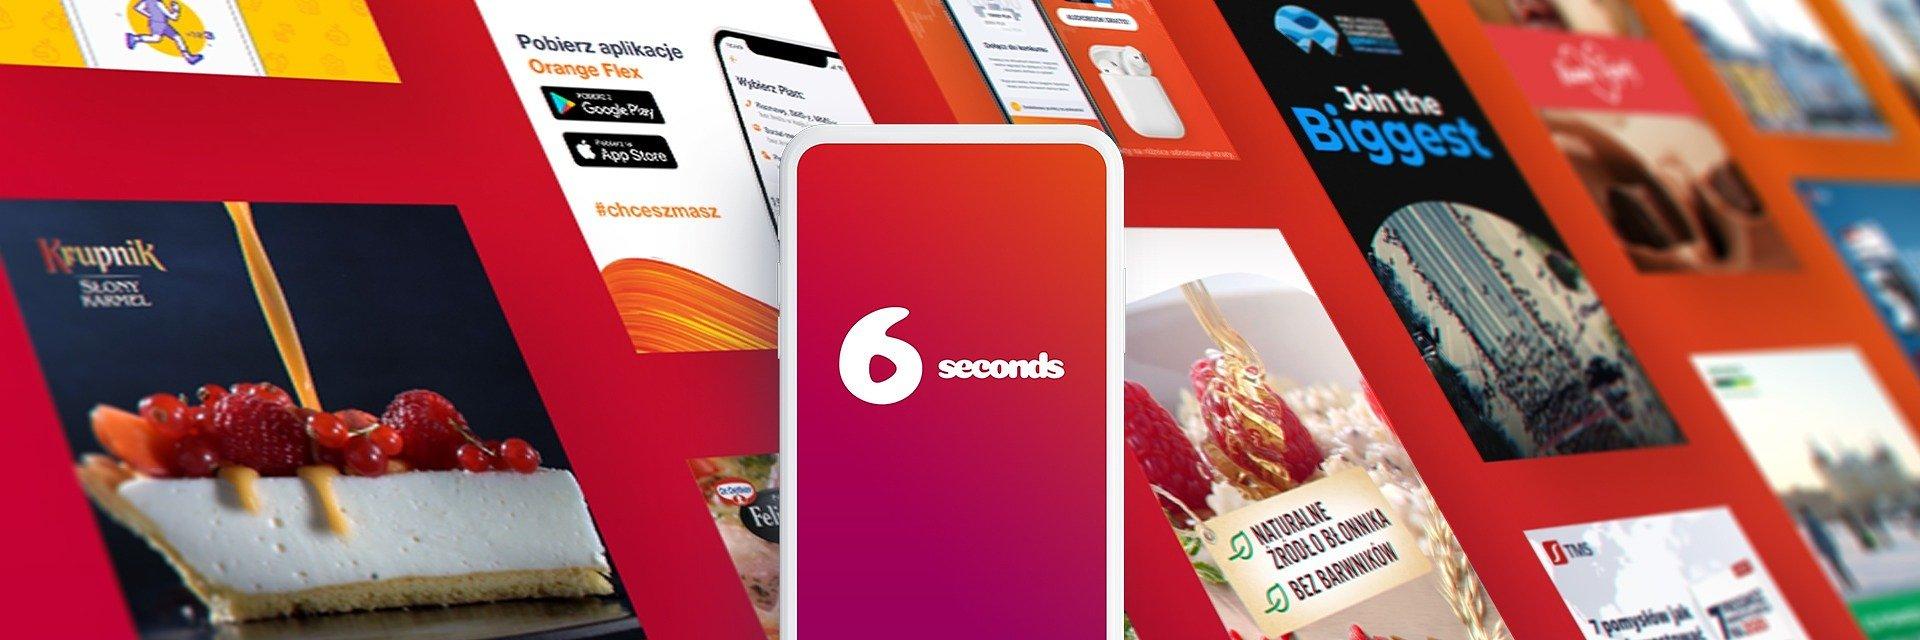 Direktpoint rozszerza swoje kompetencje: Przedstawiamy 6 Seconds Agency